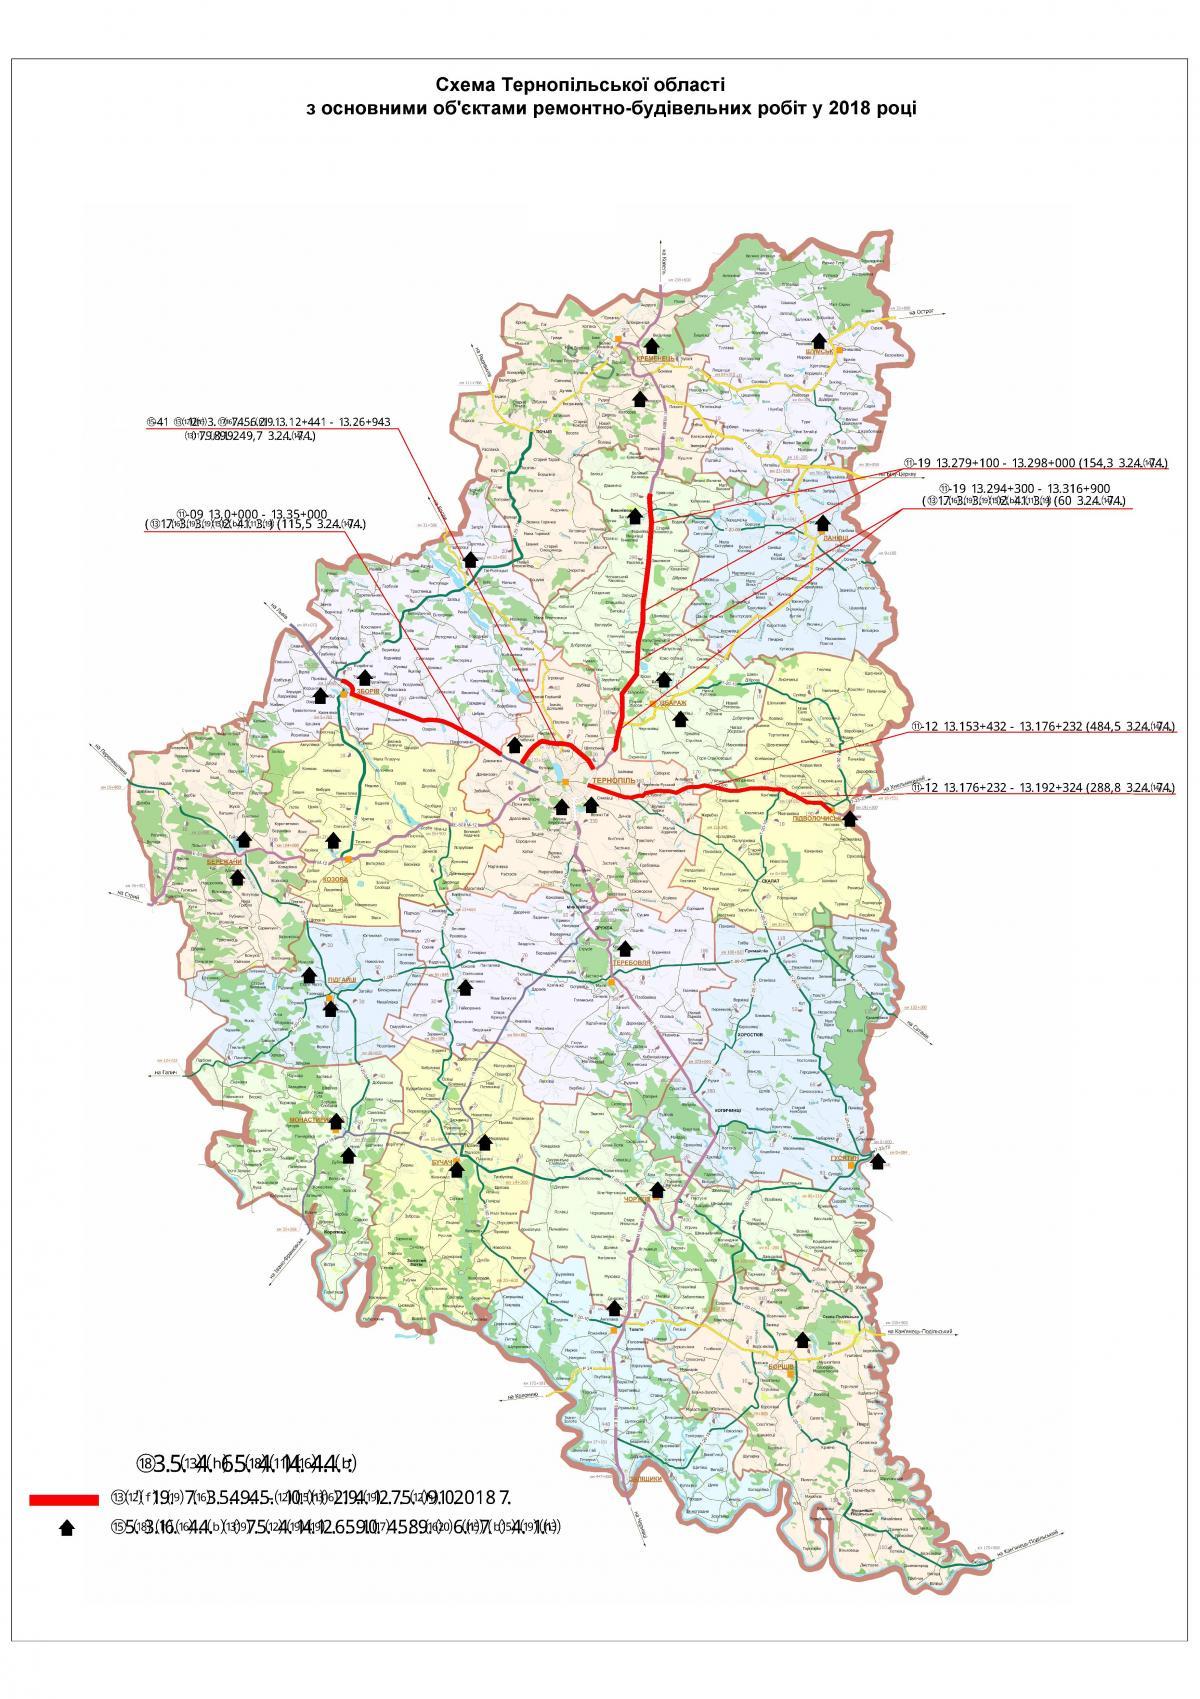 У 2018 році на Тернопільщині відремонтували дороги до Львівської та Хмельницької областей, а також частину дороги до Рівненської області